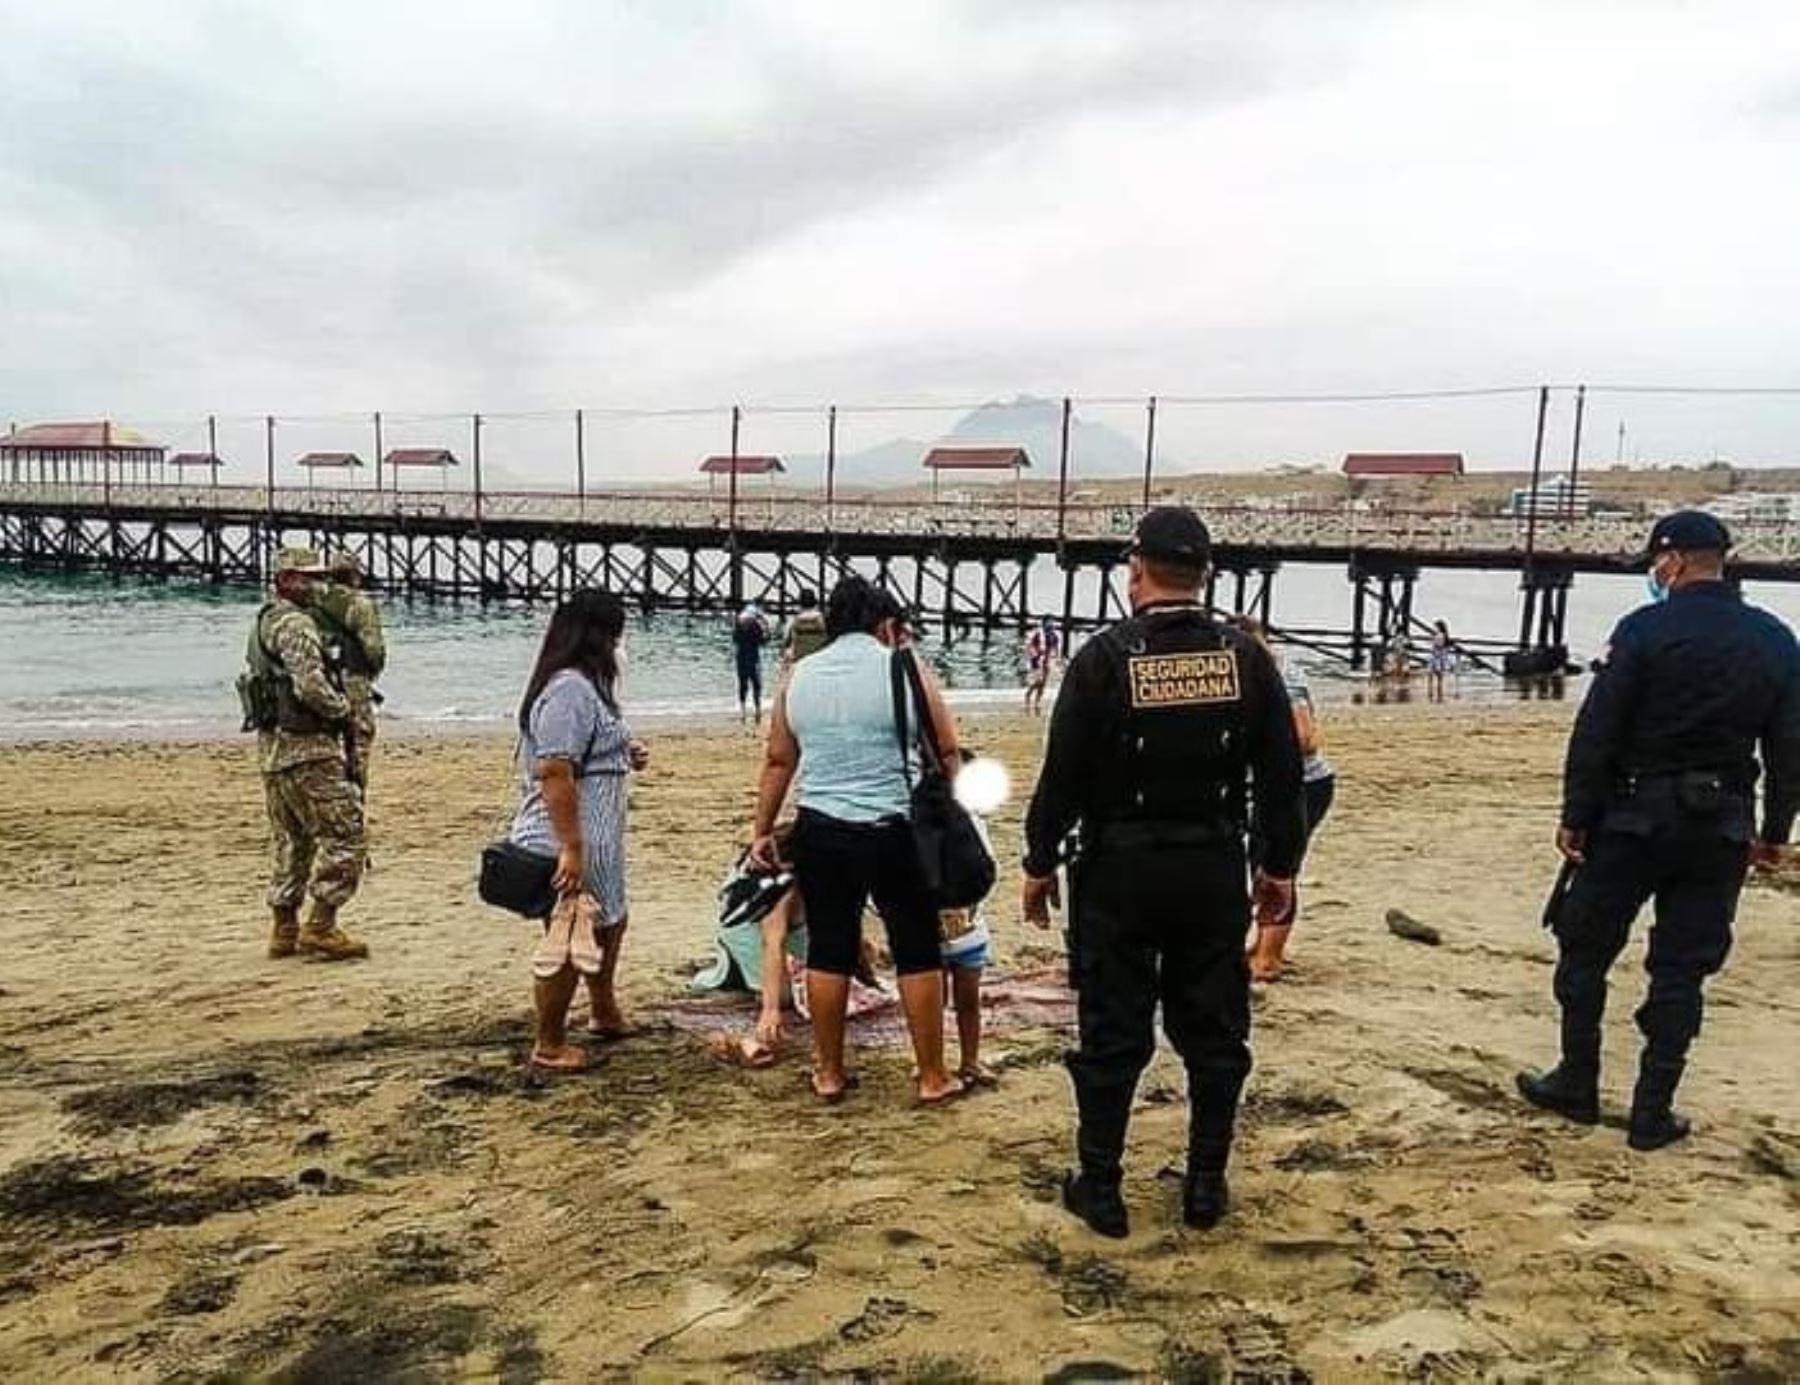 El Ministerio de Salud estableció una norma que regula el uso de las playas y precisa que es obligatorio el uso de mascarilla en todo momento, salvo en la zona de baño. ANDINA/Difusión